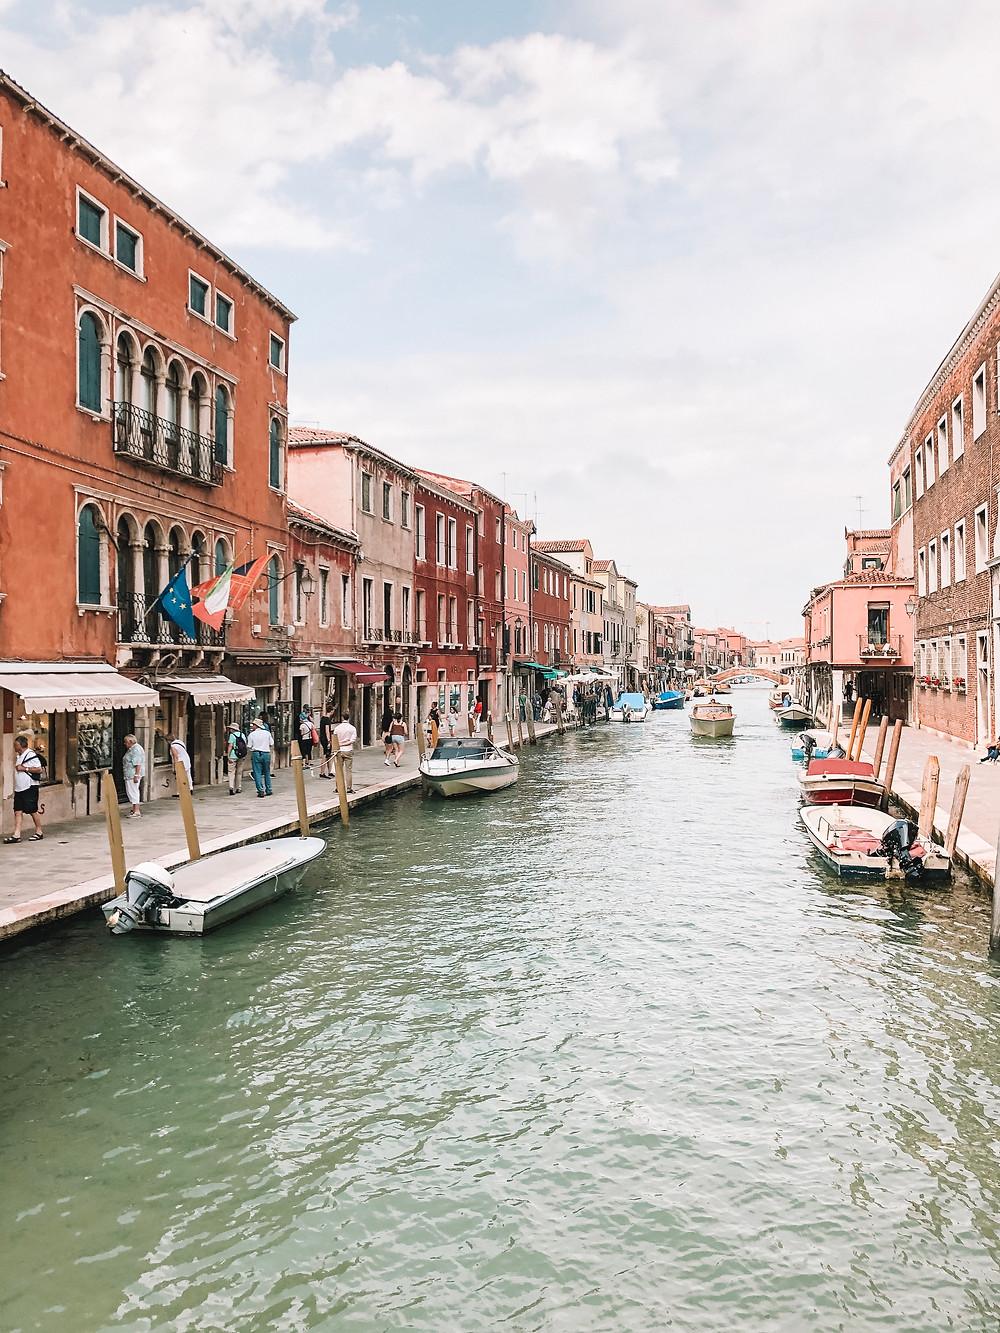 murano island venice italy canals